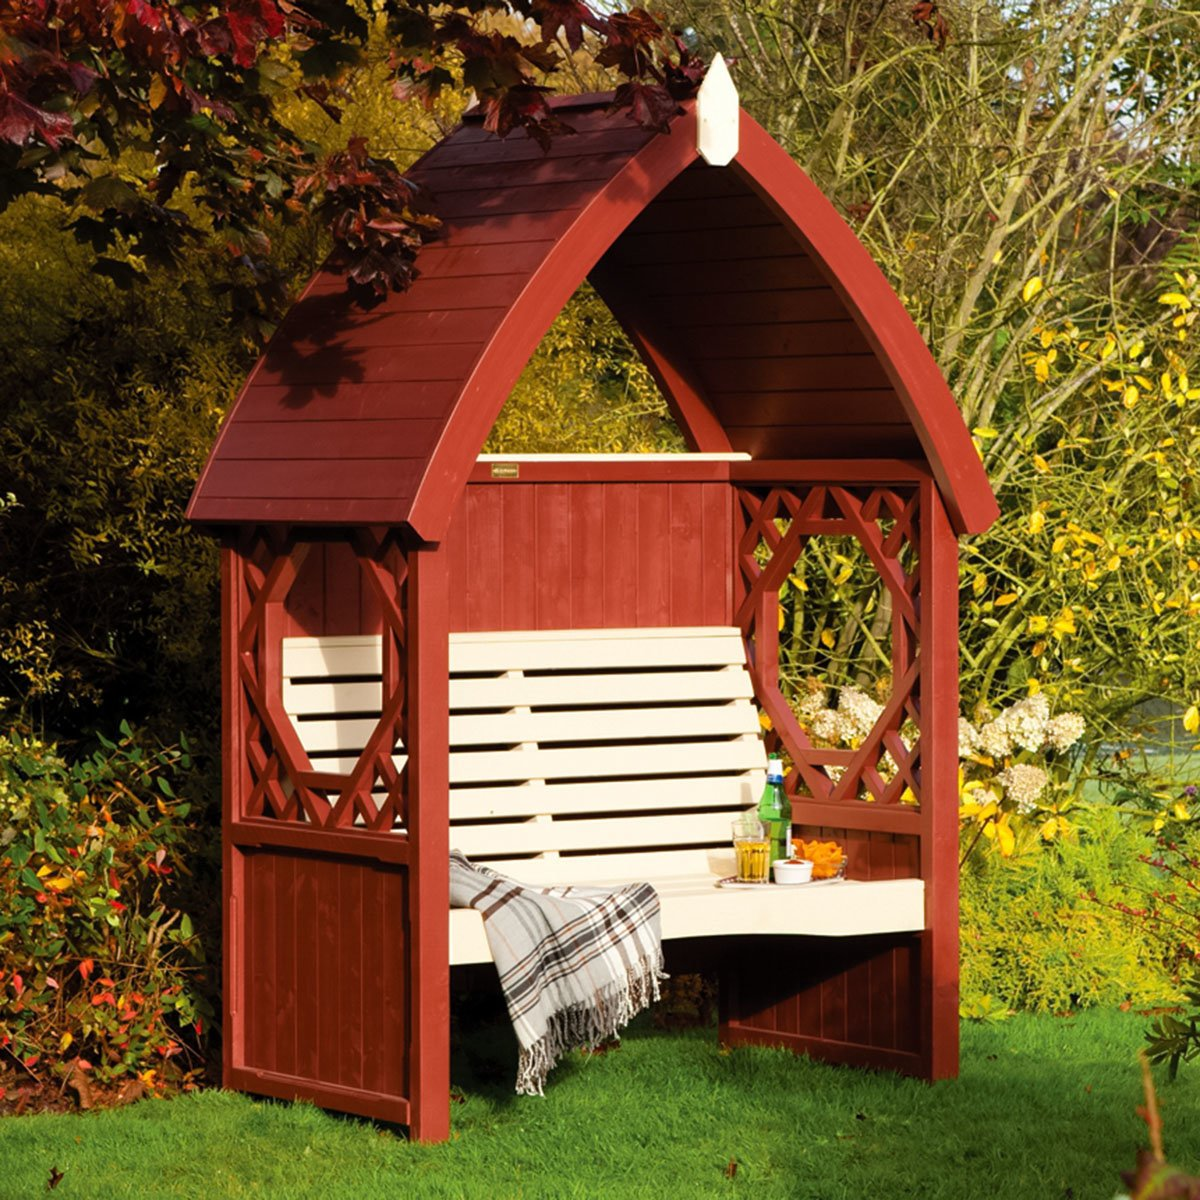 gartenlaube traumgarten rotbraun online kaufen. Black Bedroom Furniture Sets. Home Design Ideas